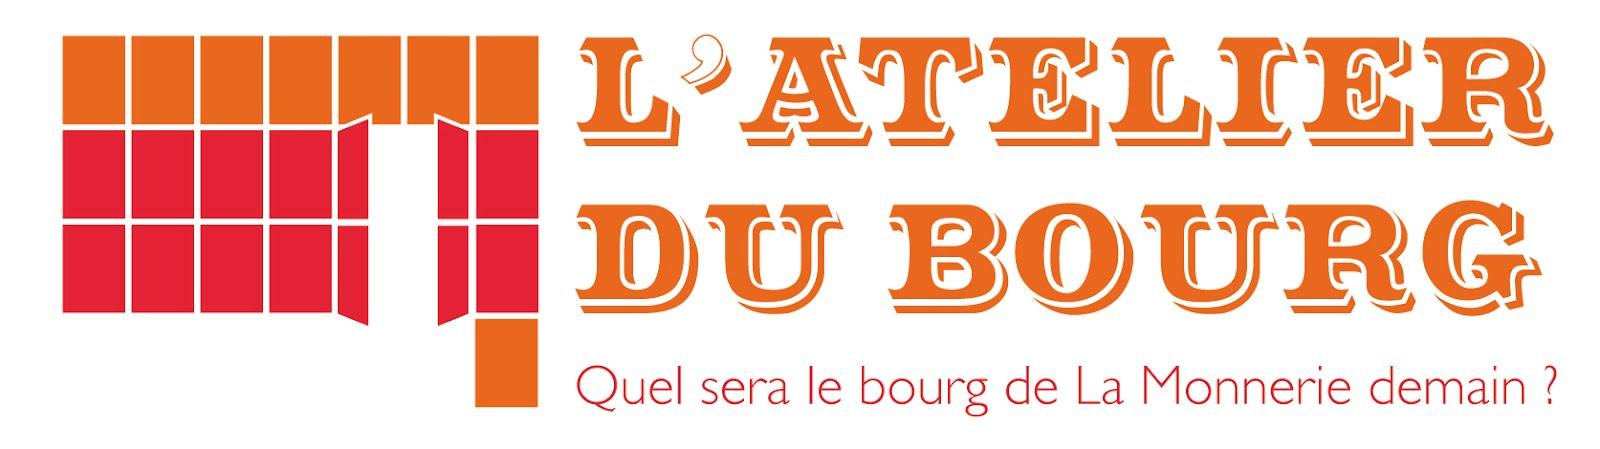 L'atelier du bourg / Quel sera le bourg de La Monnerie demain ?